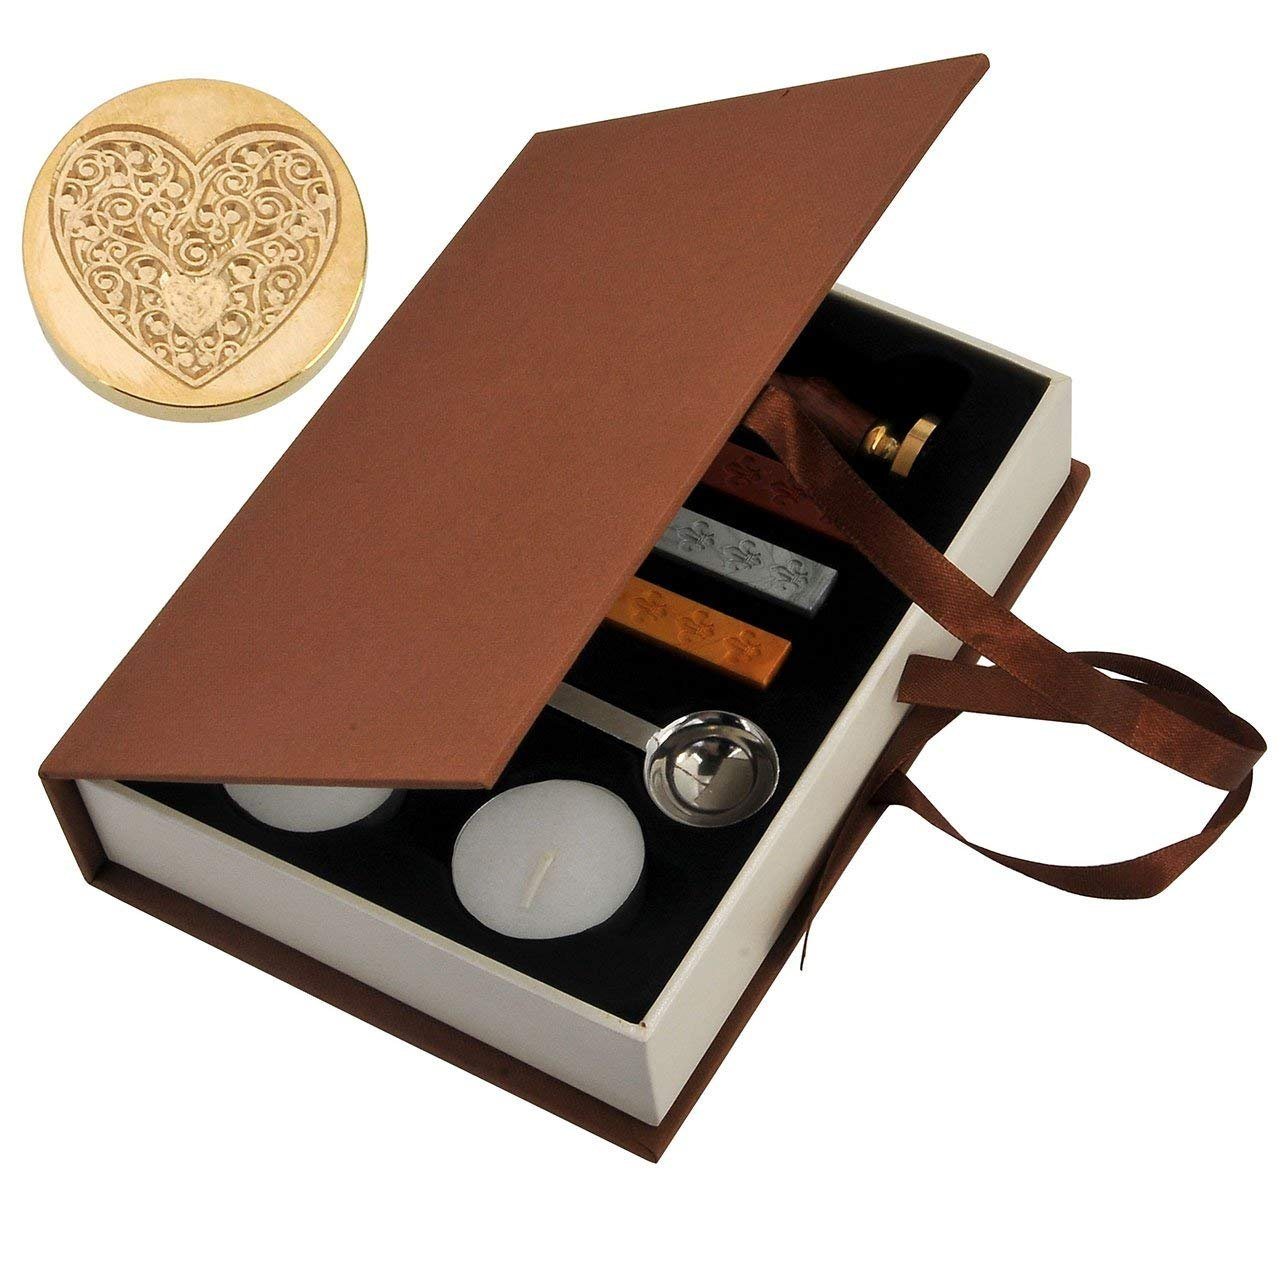 VieVogue - Set de sellos de cera para sellar la cera, diseño vintage clásico Flower